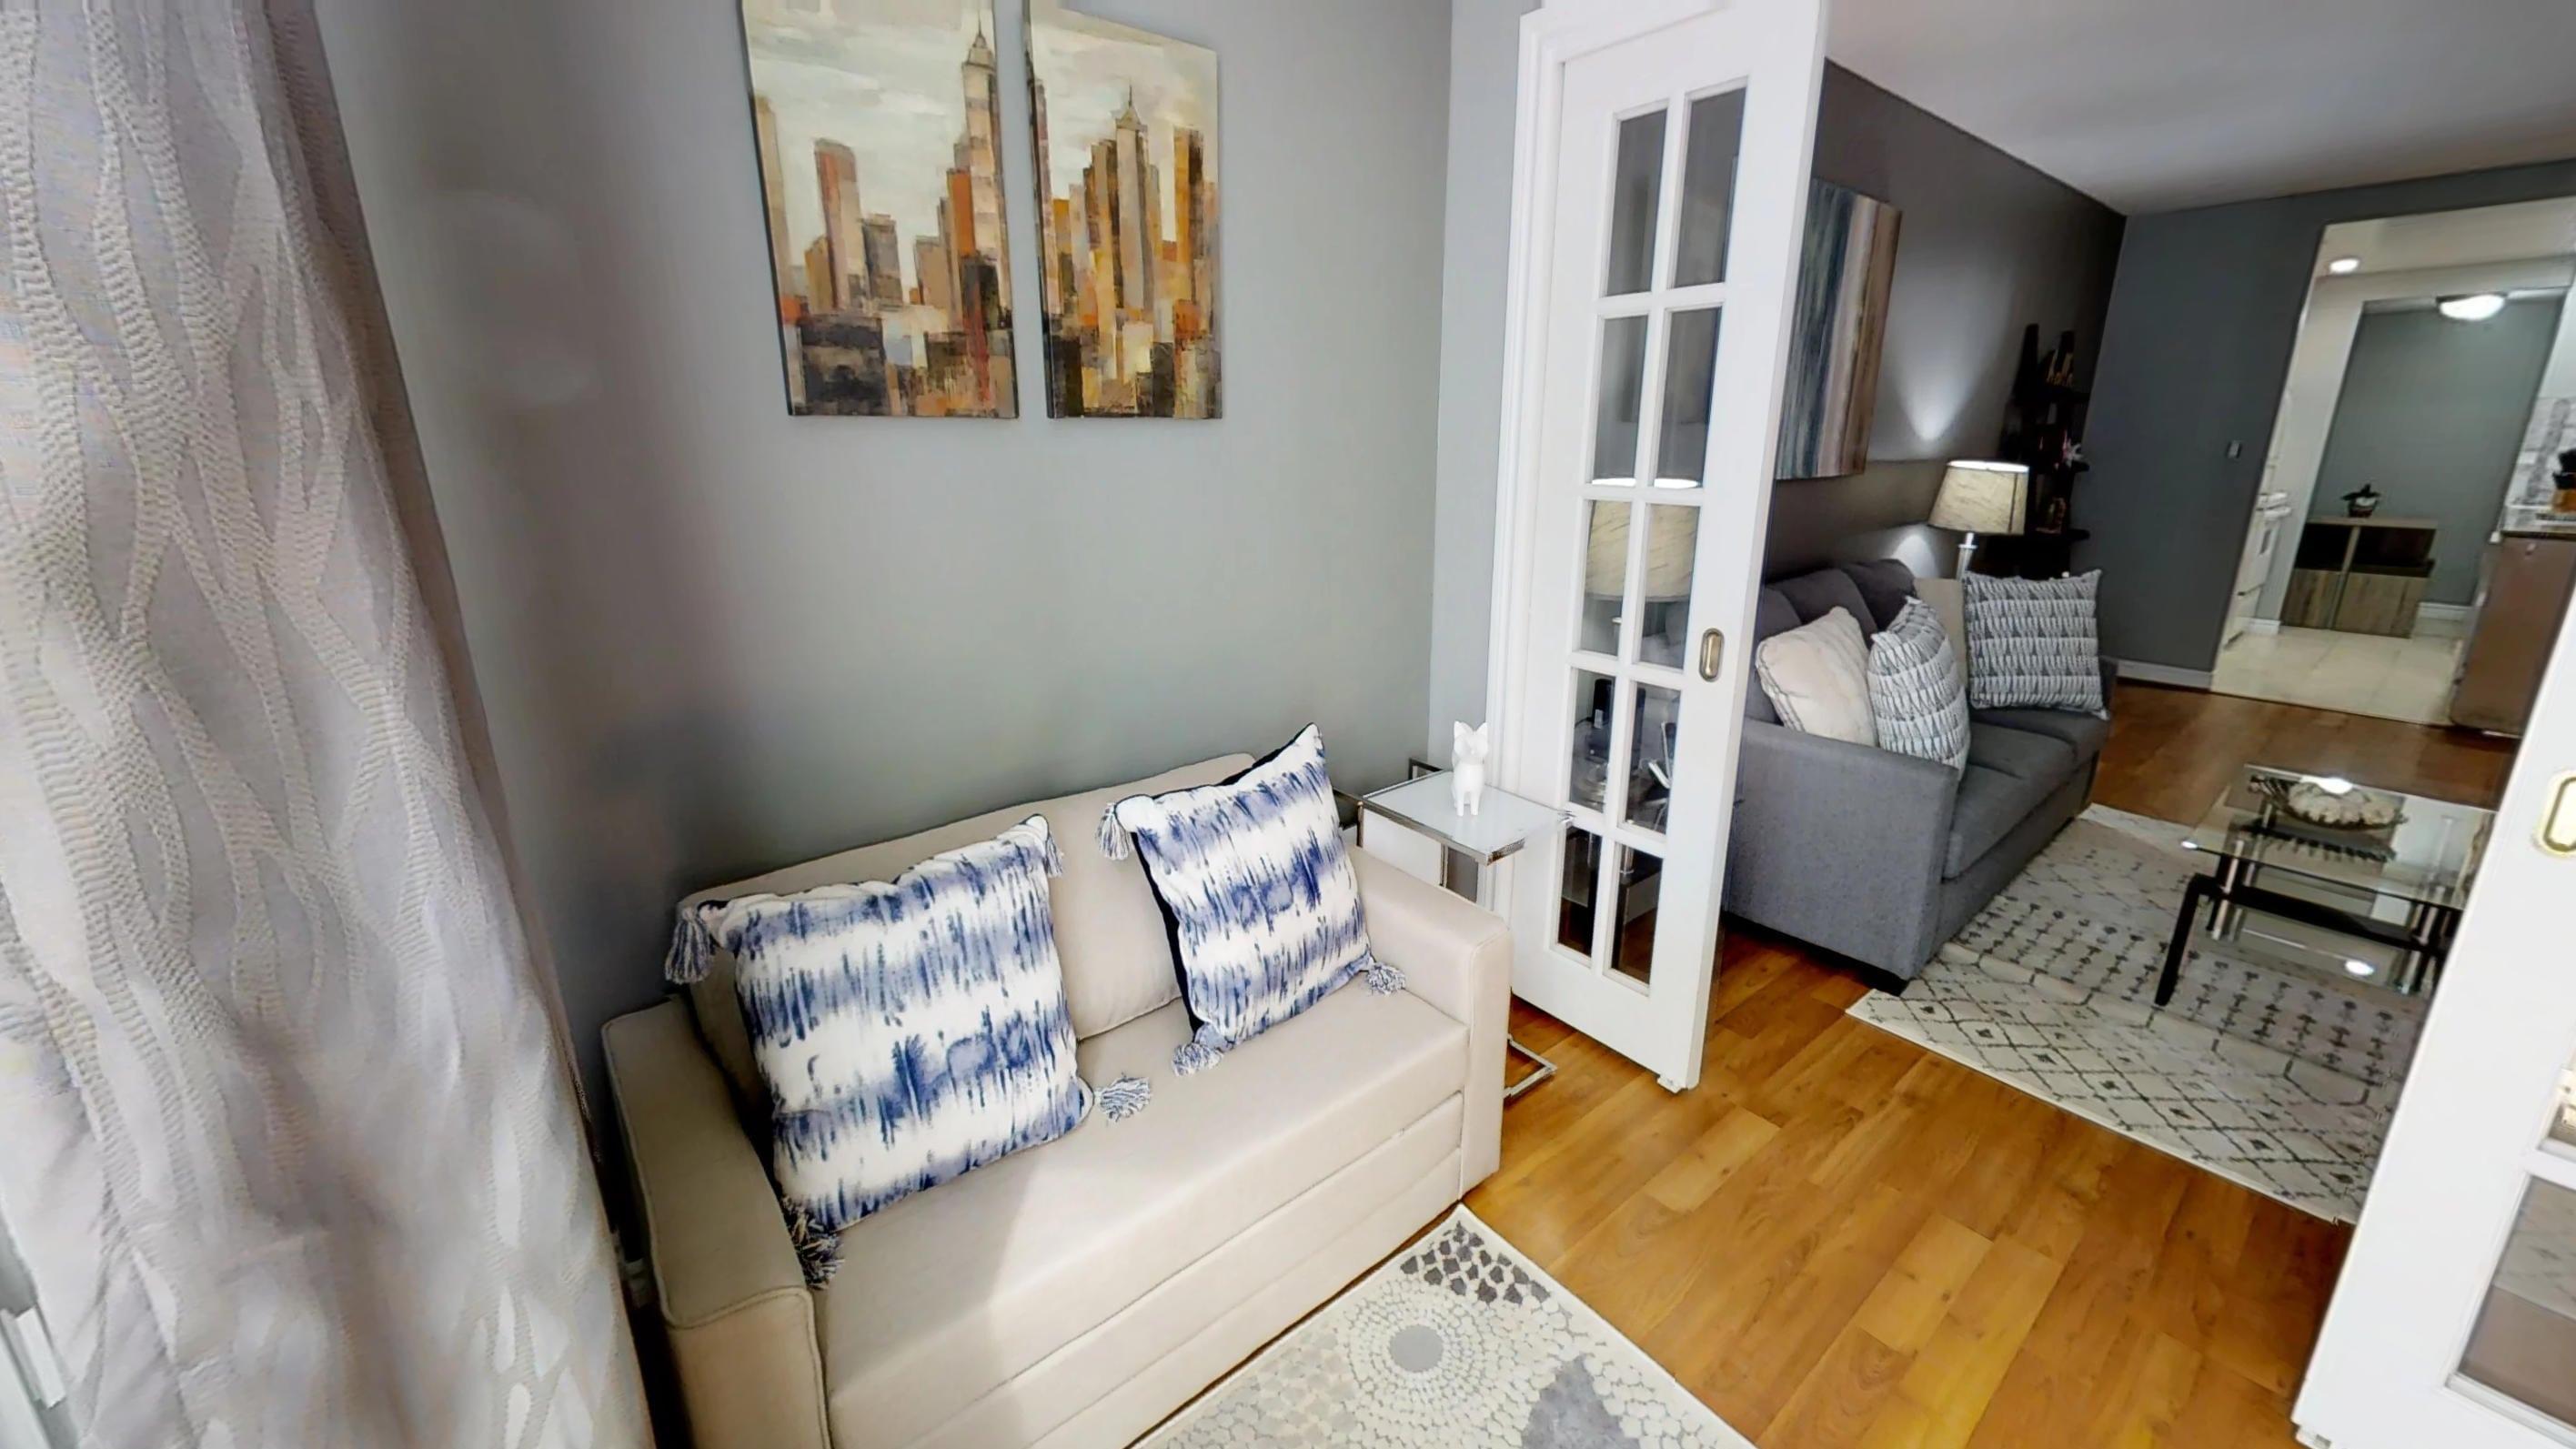 Qwest d 1 bedroom den furnished apartment for rent - One bedroom furnished apartment for rent ...